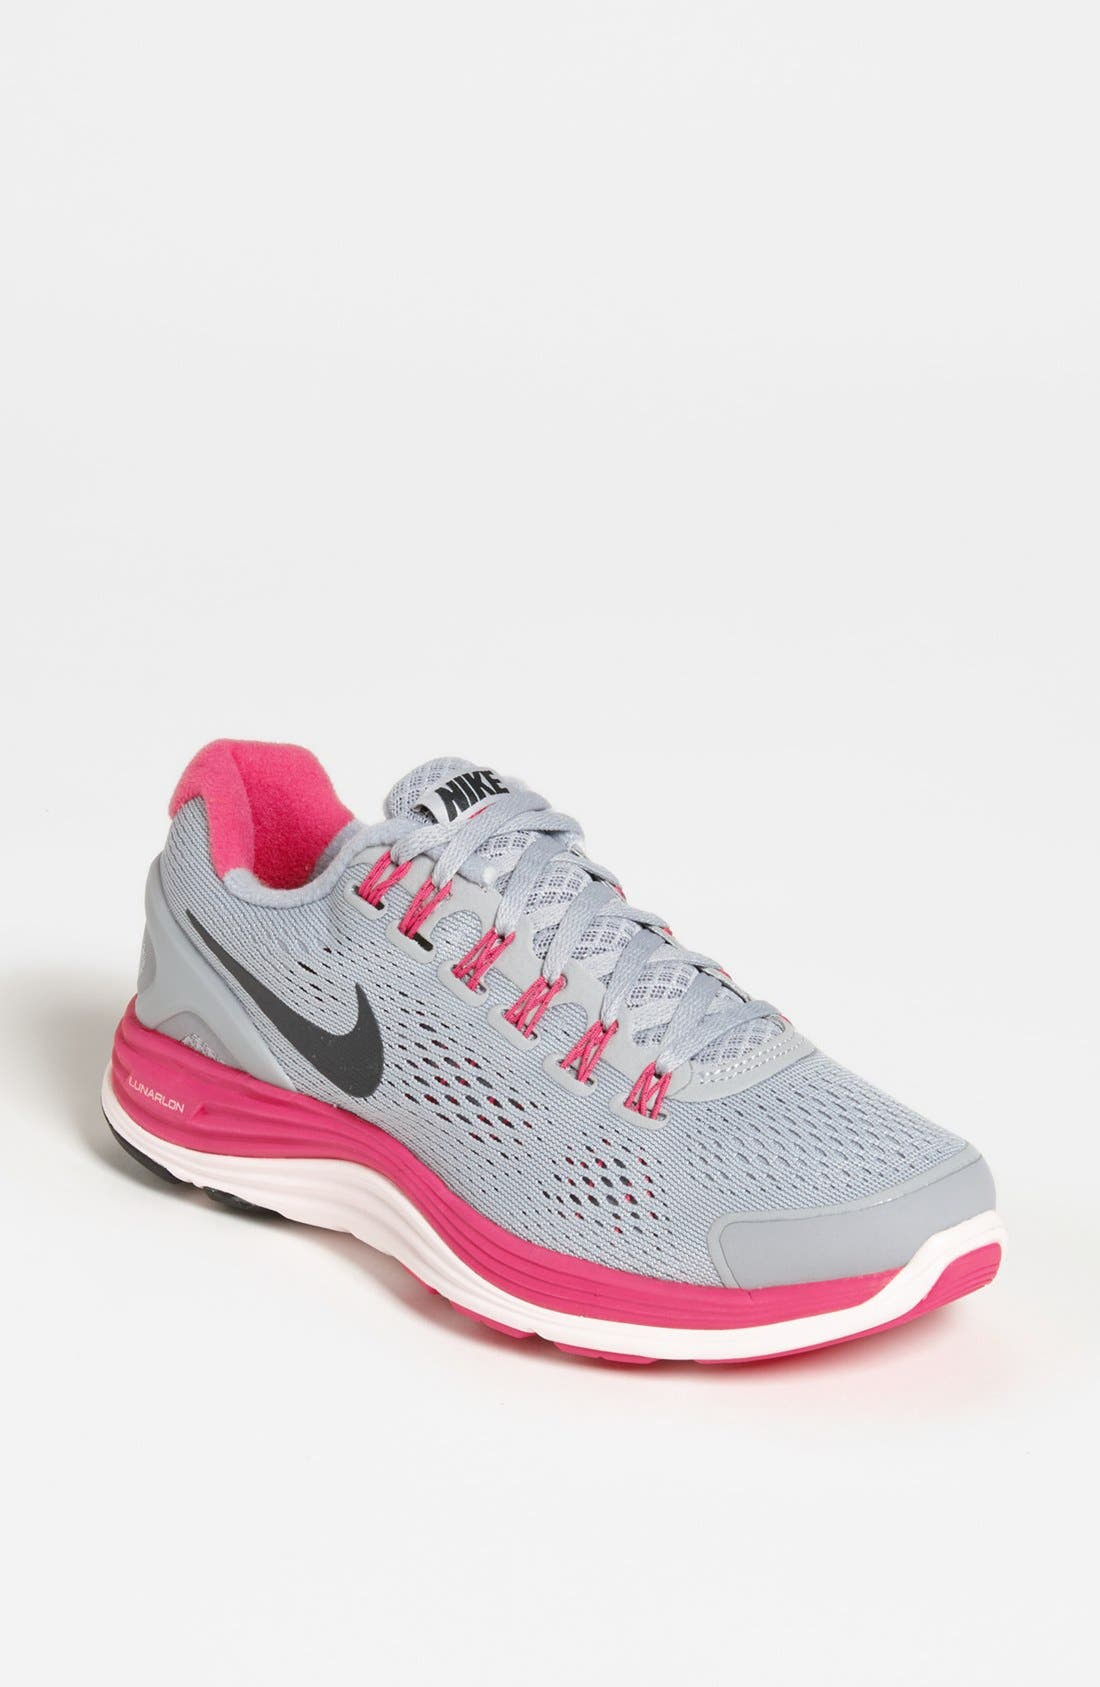 Main Image - Nike 'LunarGlide+ 4' Running Shoe (Women)